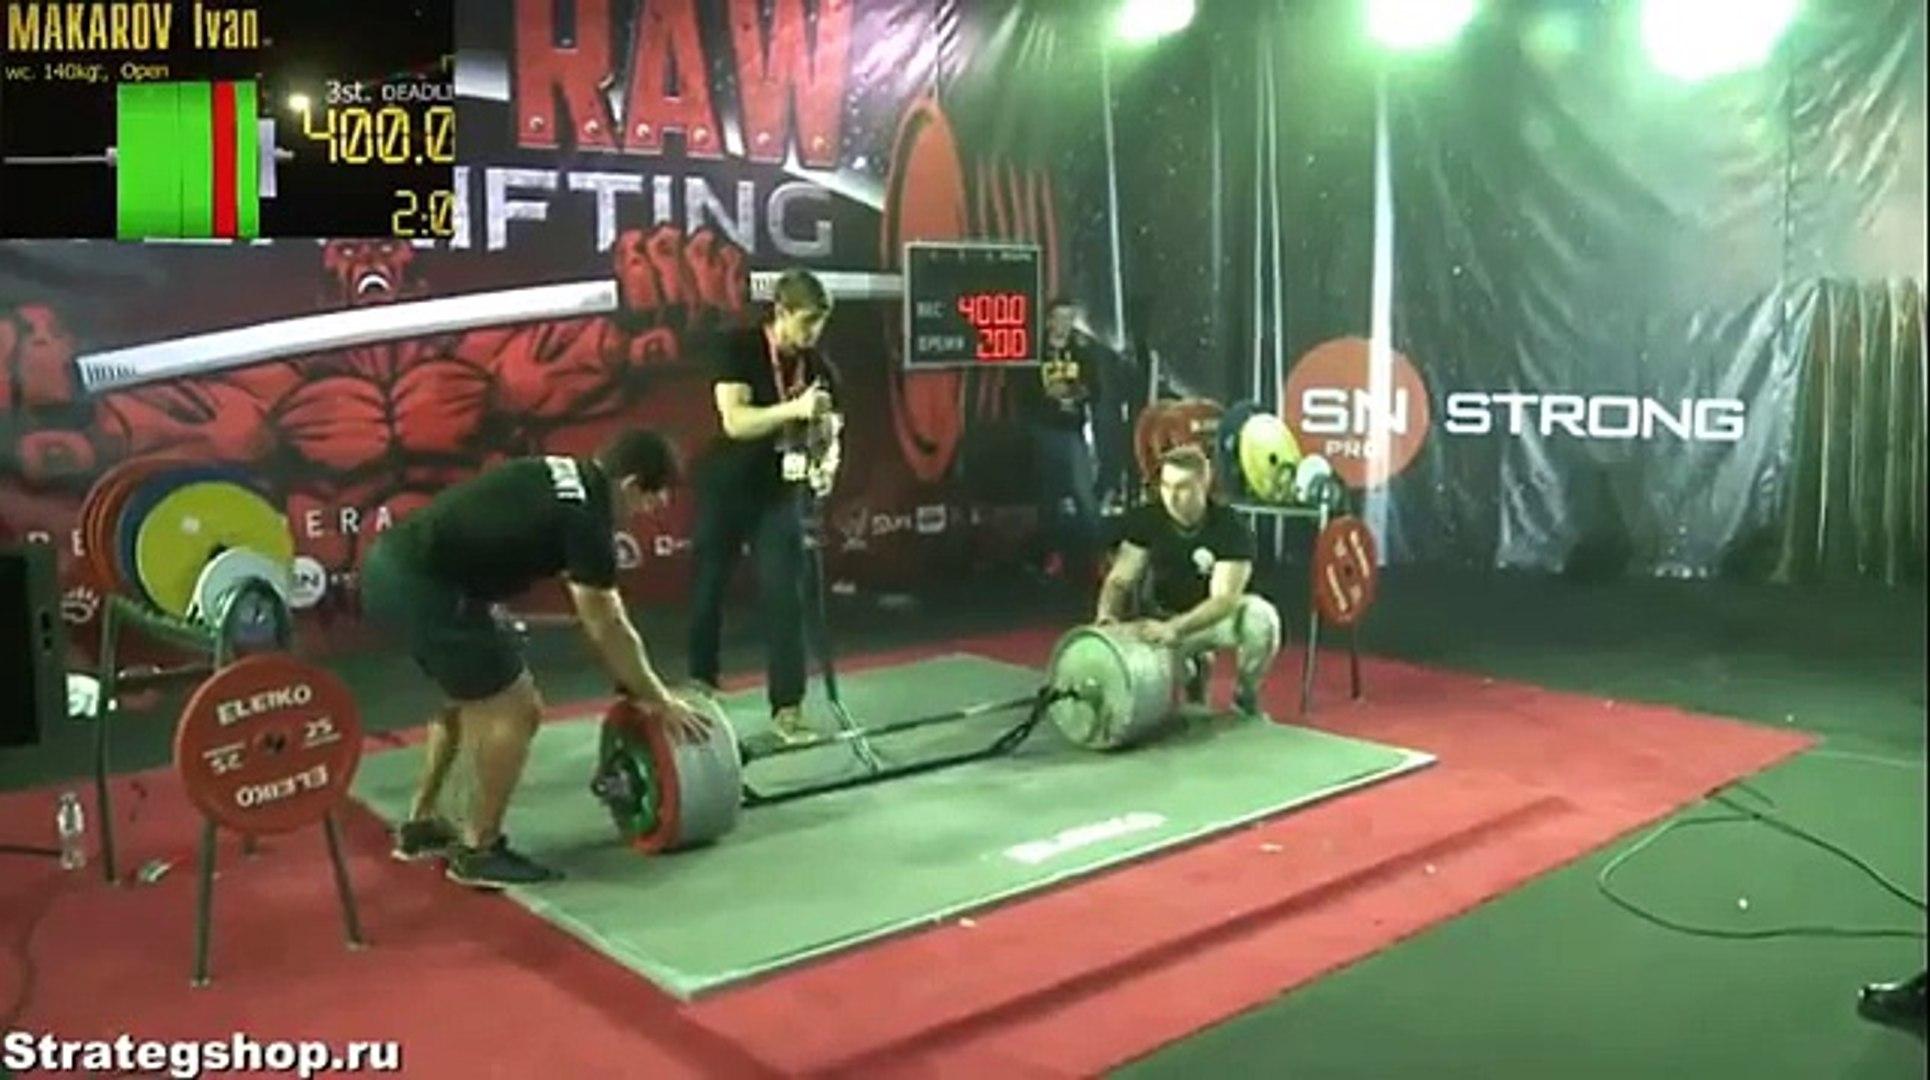 Иван Макаров (Грузия) Тяга 400 kg WRPF Чемпионат Мира 2016 Москва